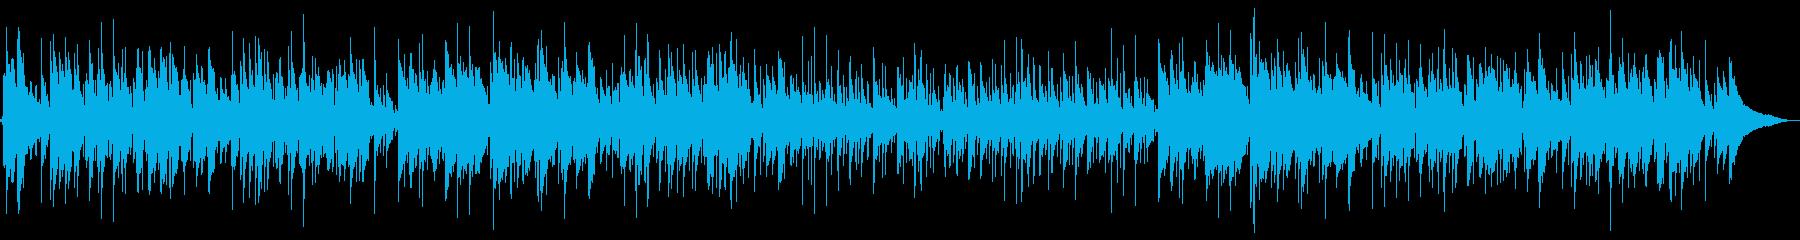 どこかなつかしいハートフルギターバラードの再生済みの波形